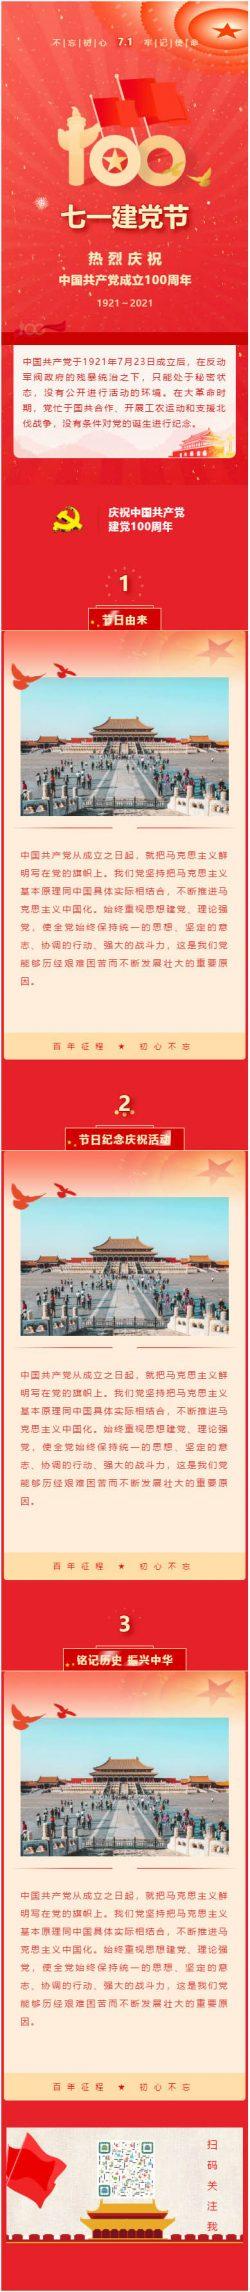 七一建党节中国共产党成立100周年微信模板公众号推文素材